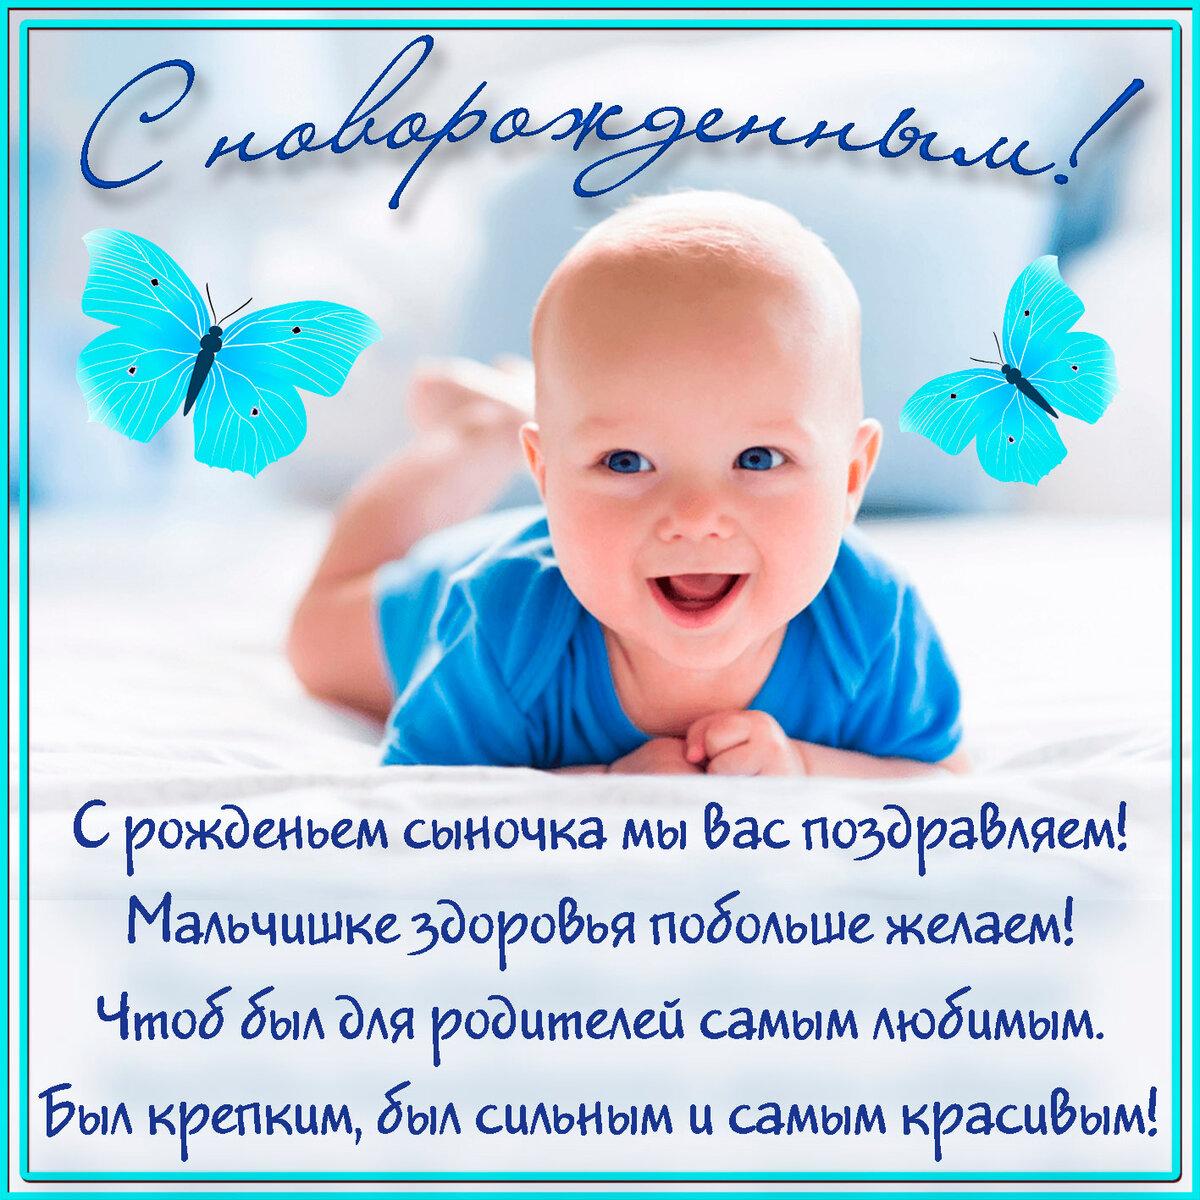 Открытки с рождением ребенка в контакте